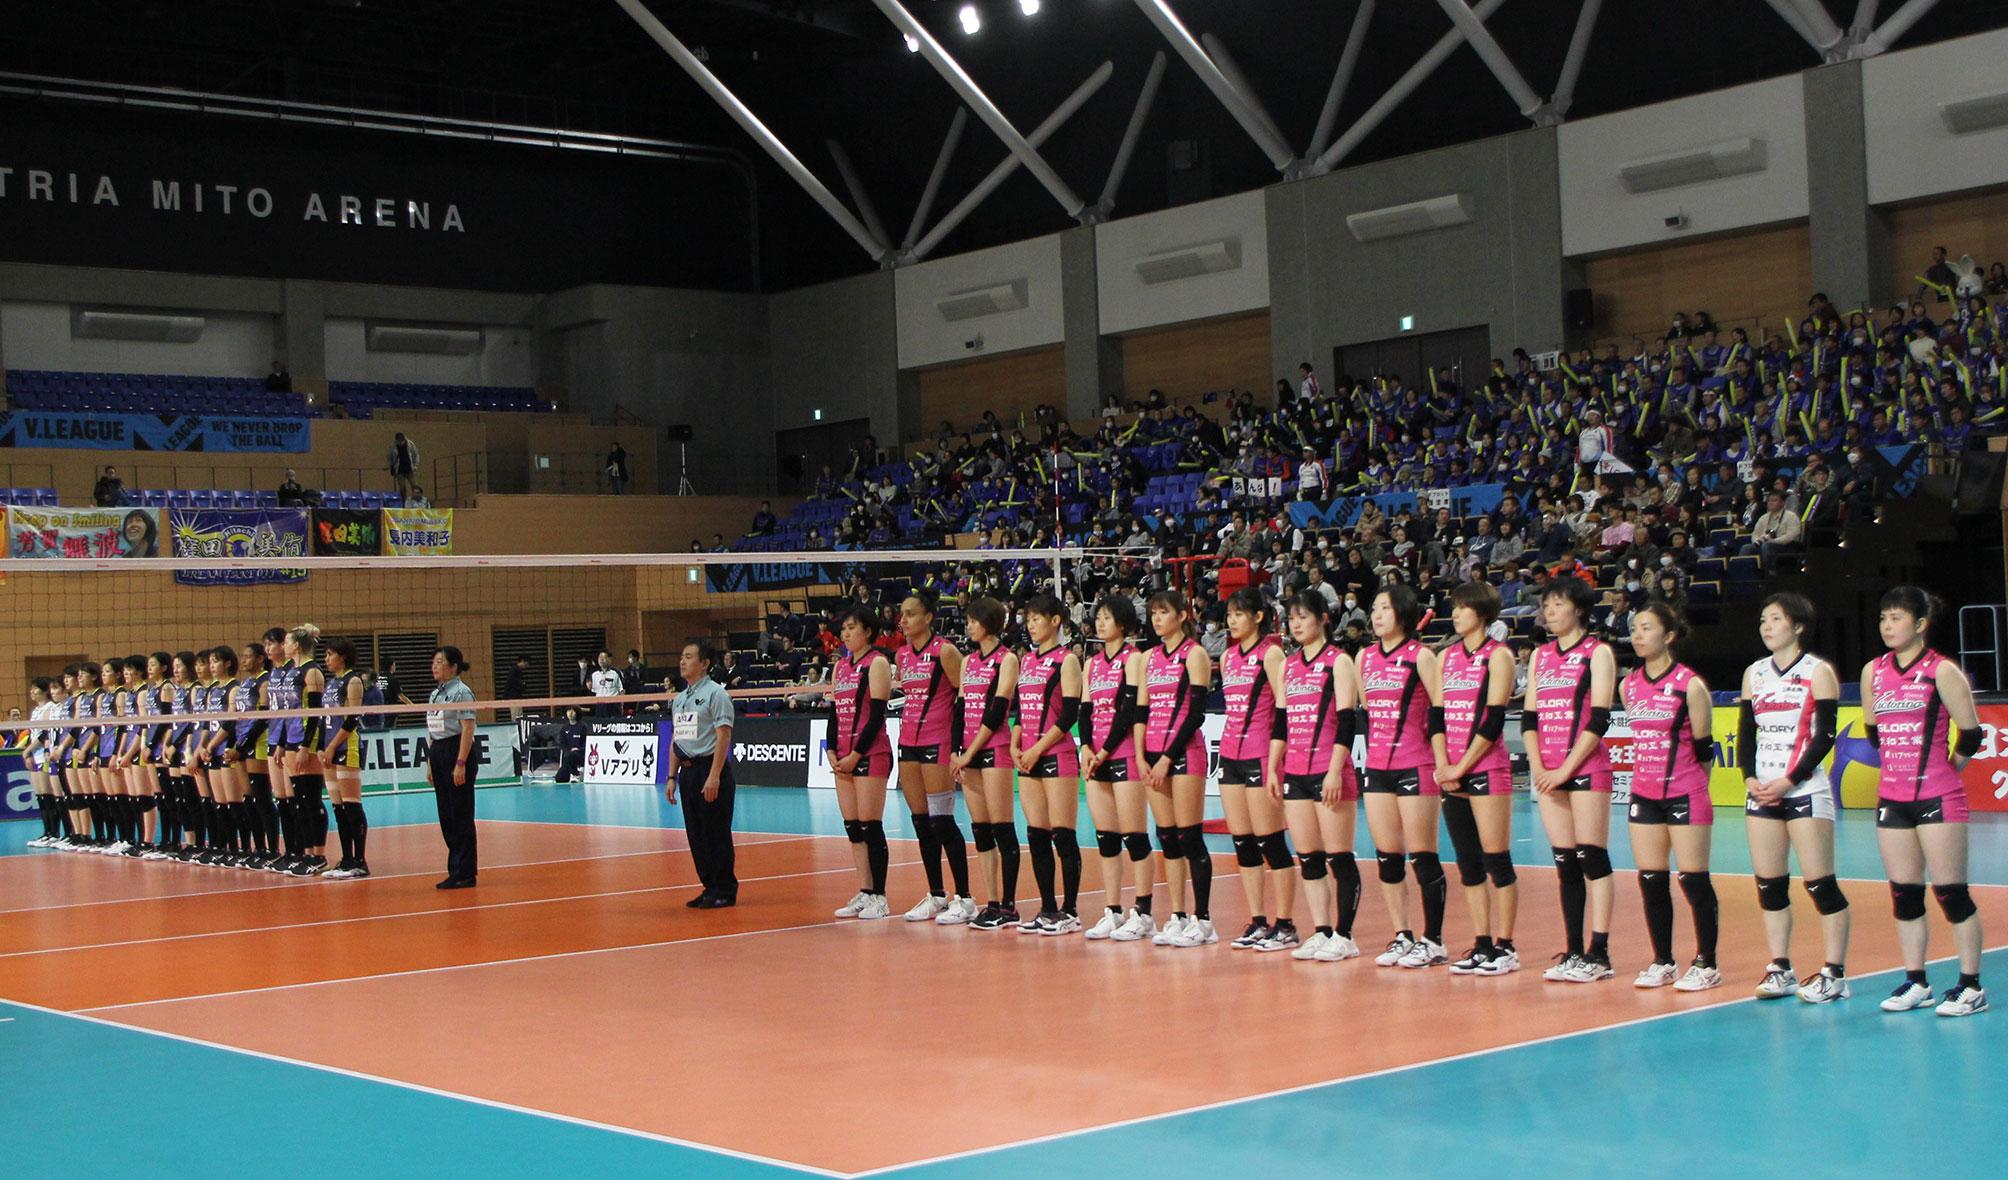 20191216 アダストリアみとアリーナ vs日立リヴァーレ